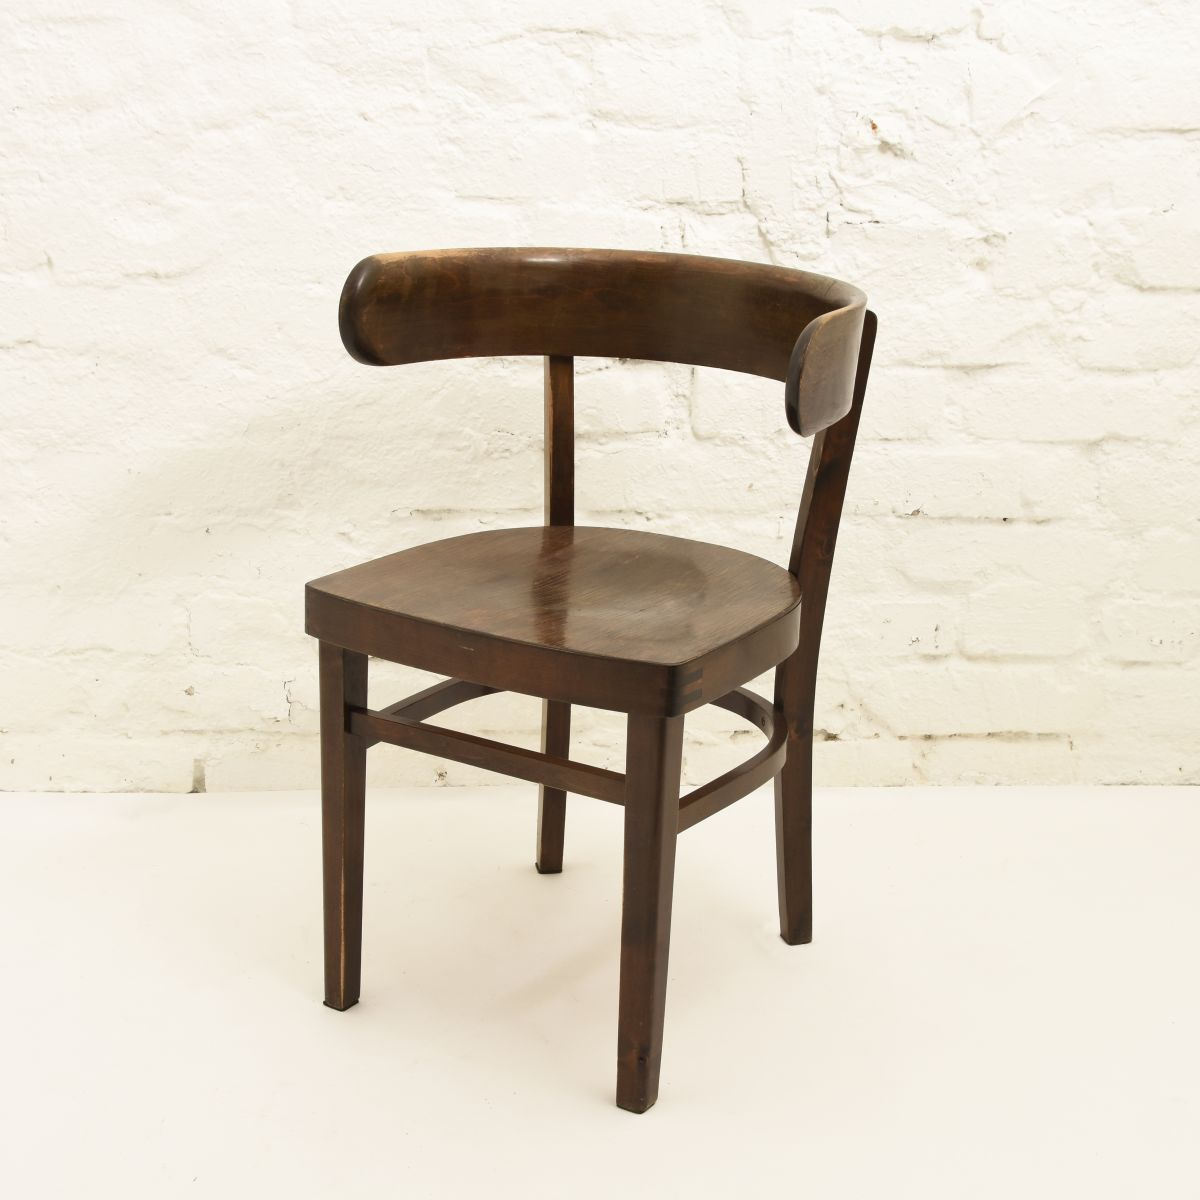 West-Werner-Hugging-Chair-Brown